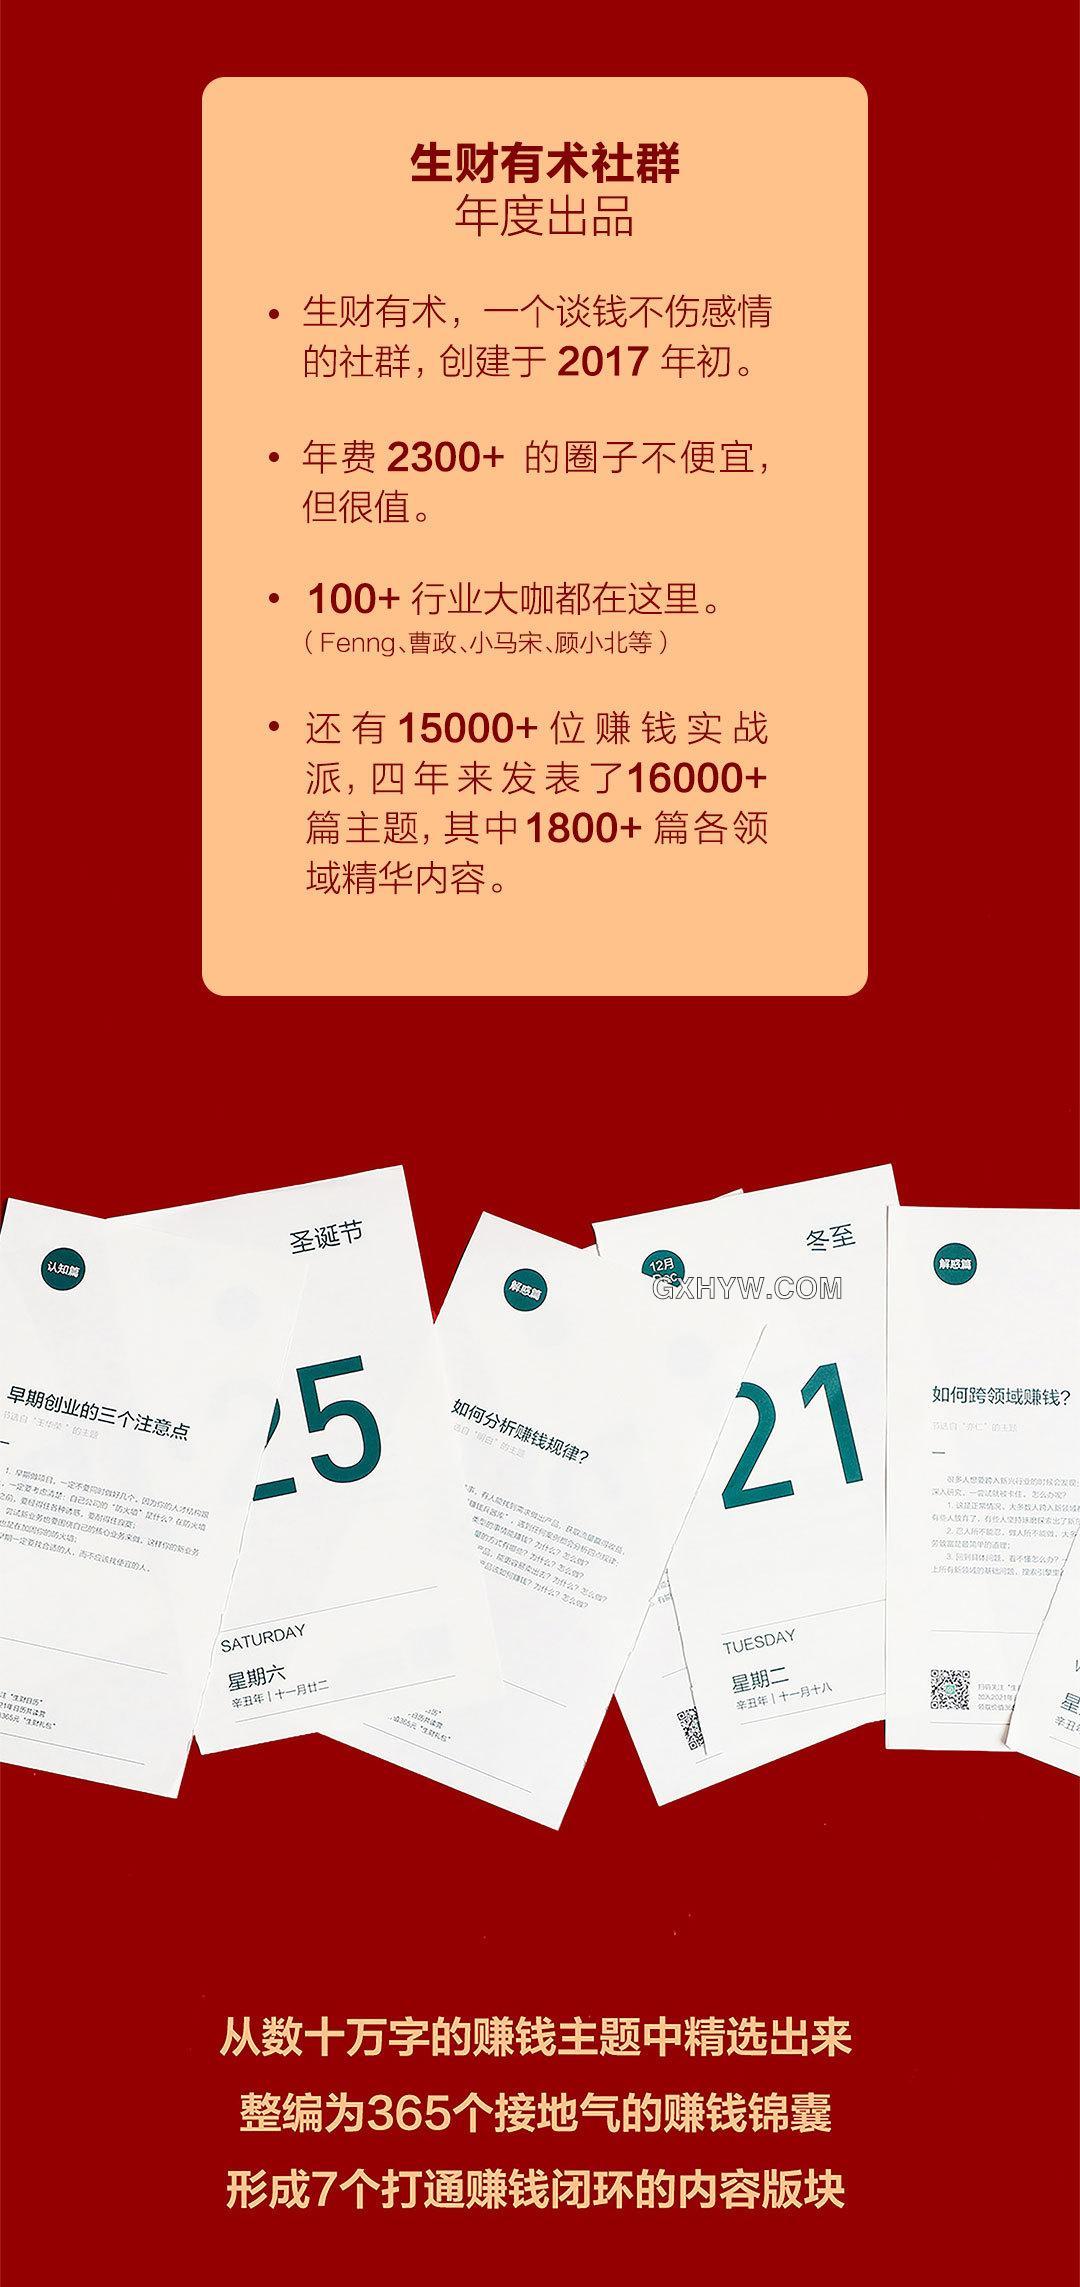 wzkccheng202012150917